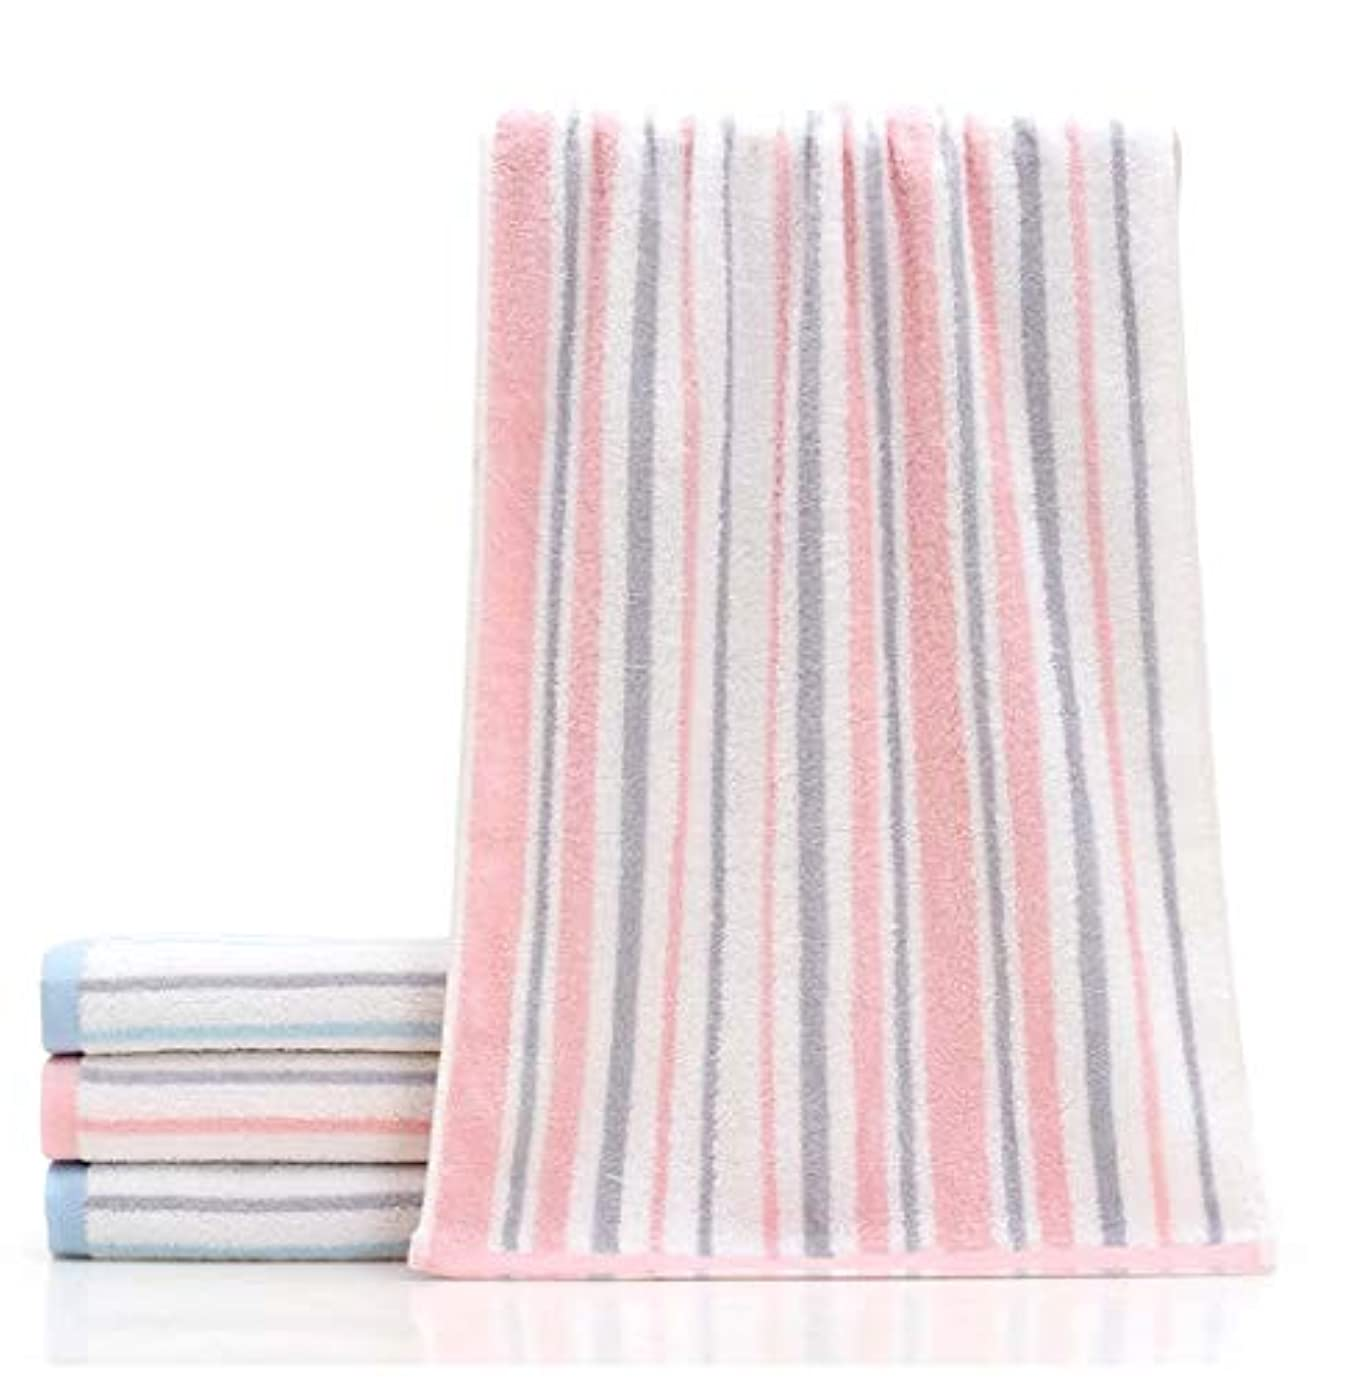 息を切らして保全他の日スーパーソフトコットンタオルバスタオルファストドライタオル,Pink,34*74cm